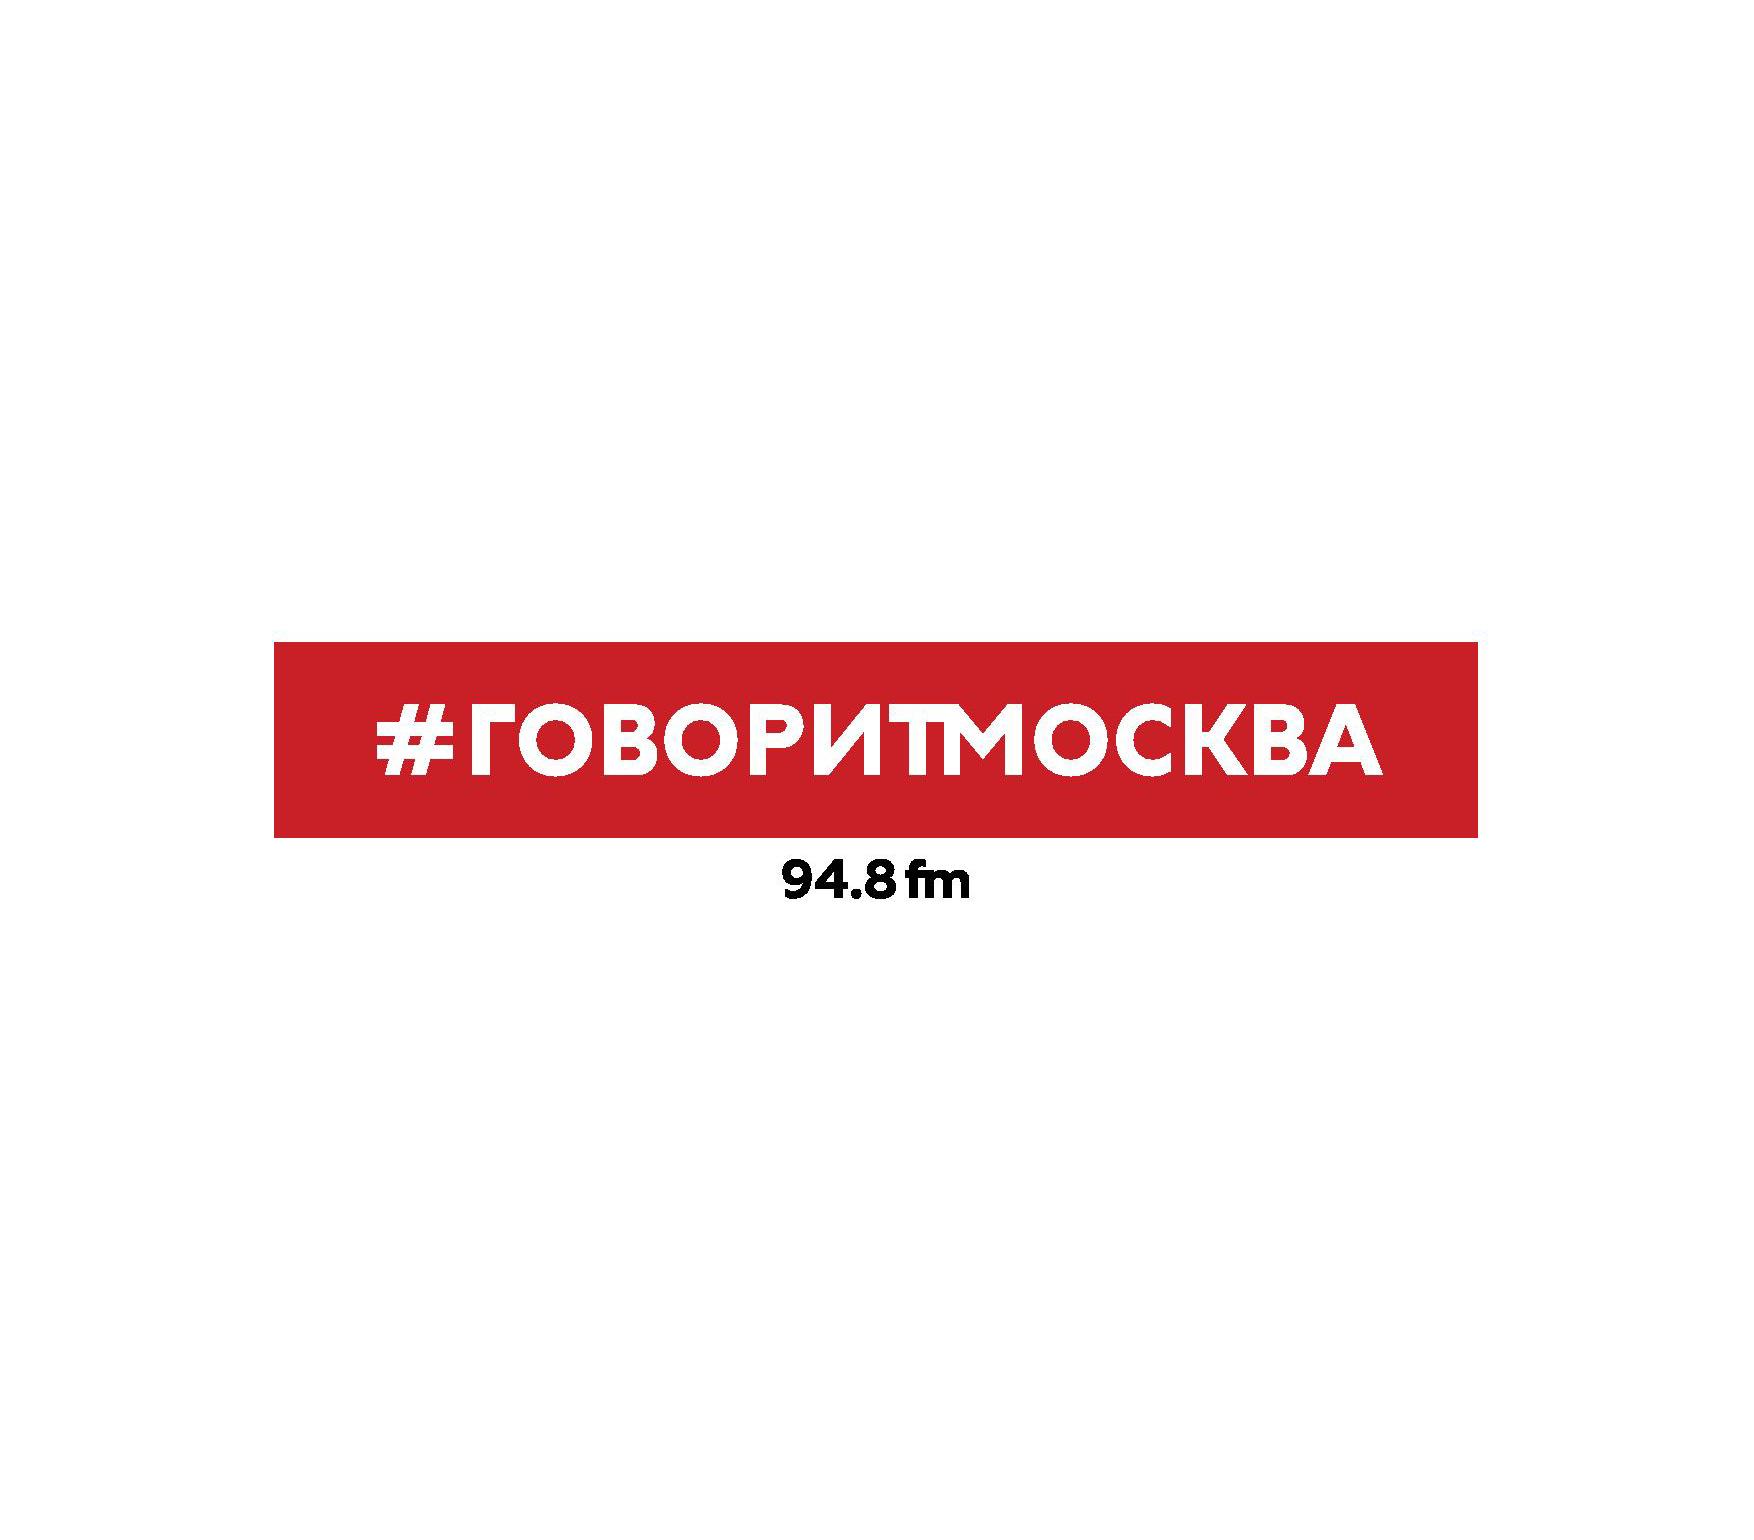 Макс Челноков 1 мая. Захар Прилепин макс челноков 5 мая марат гельман